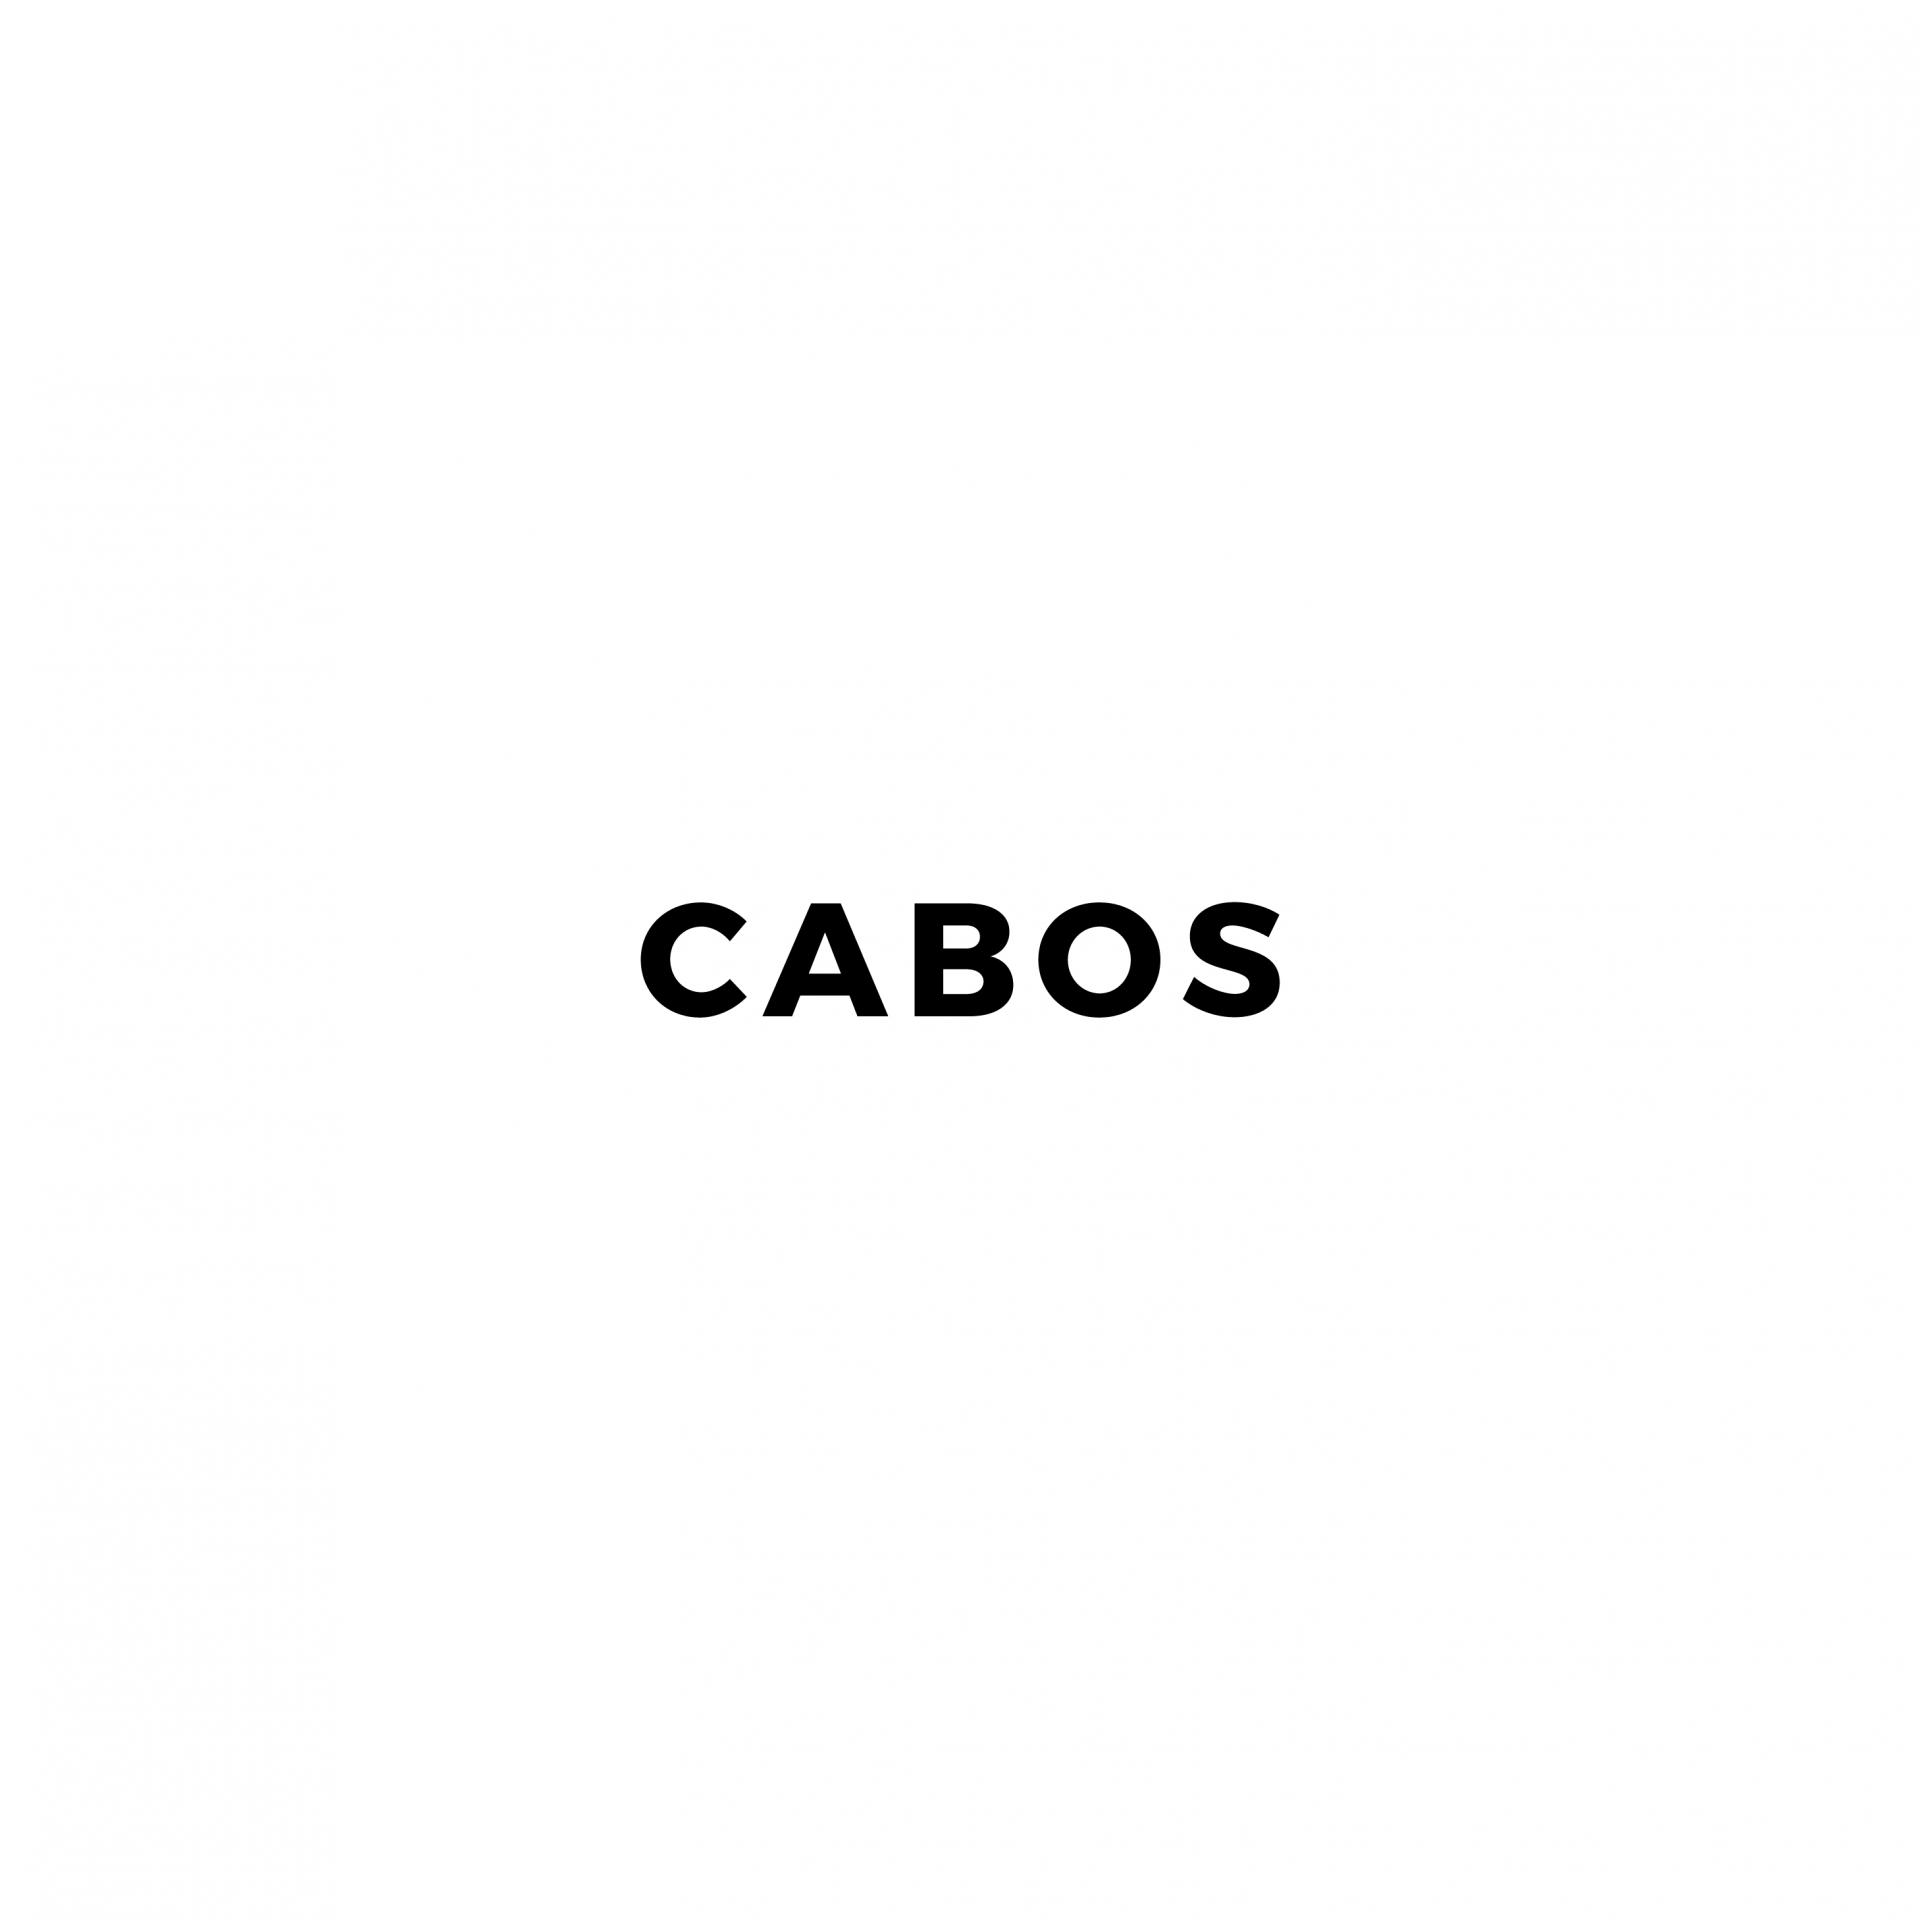 Cabos 02